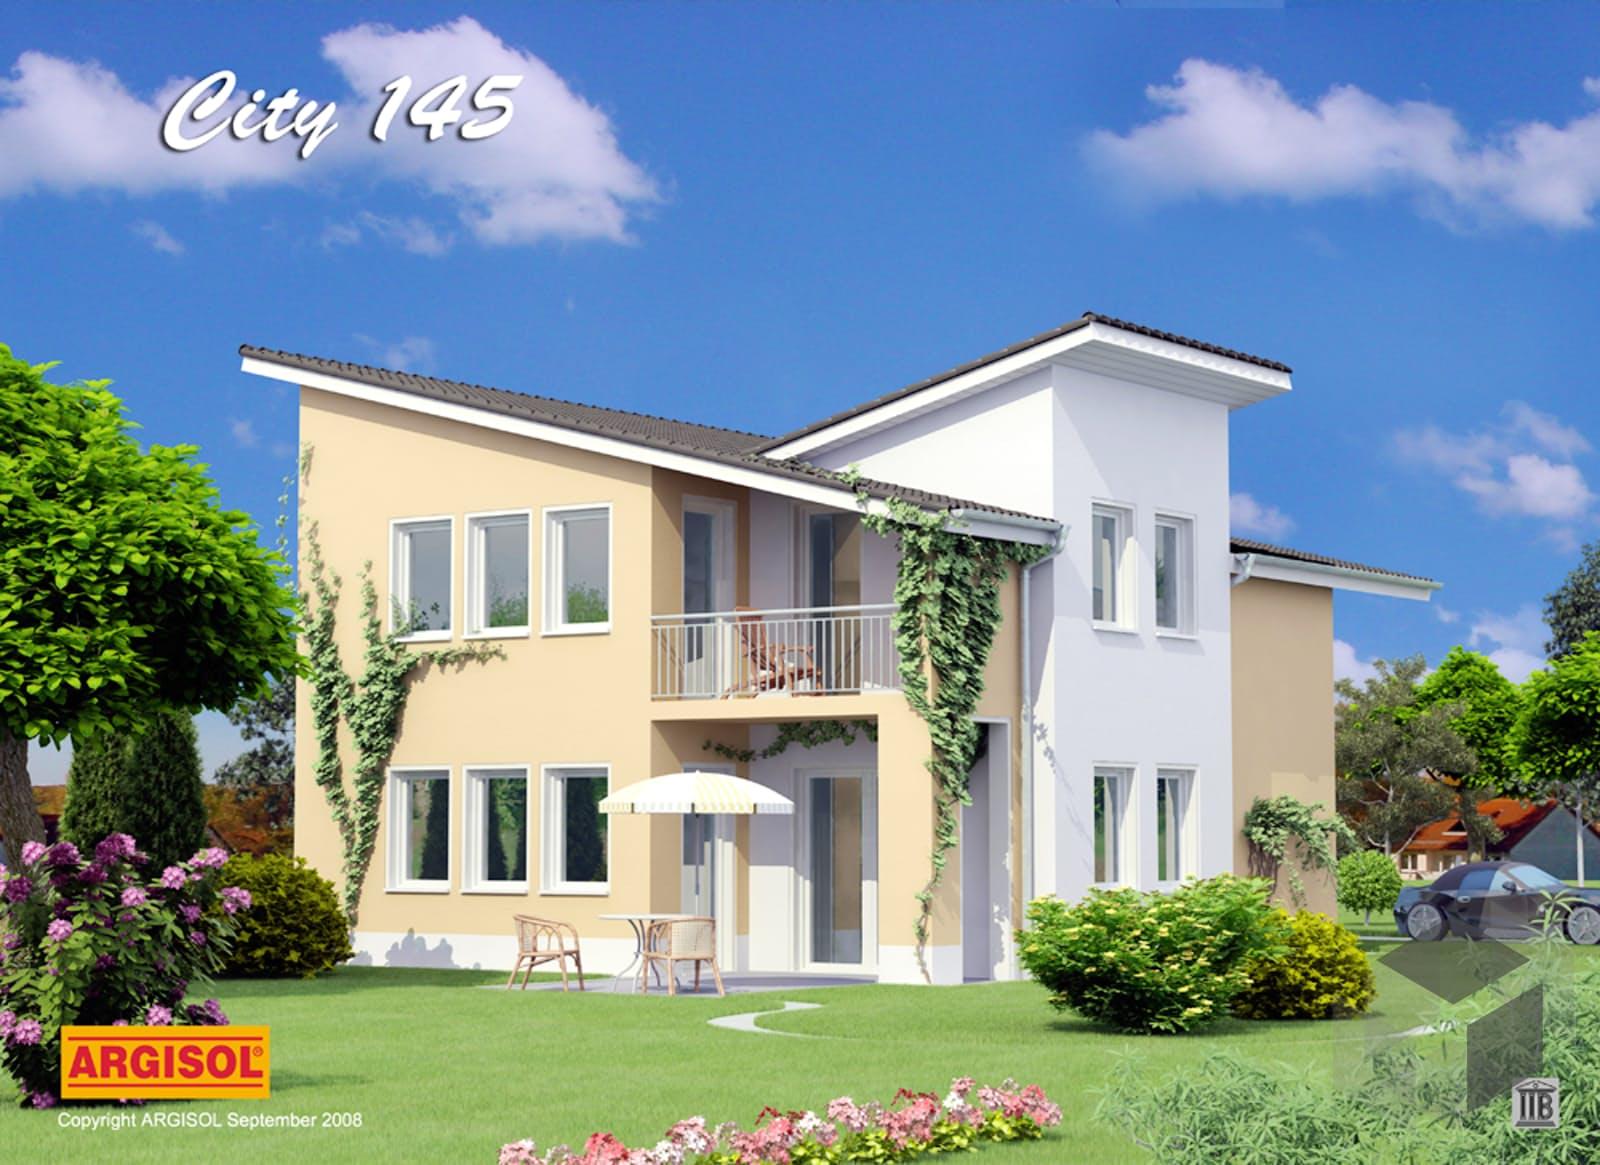 fertighaus usa stil | stunning fertighaus usa stil gallery ...